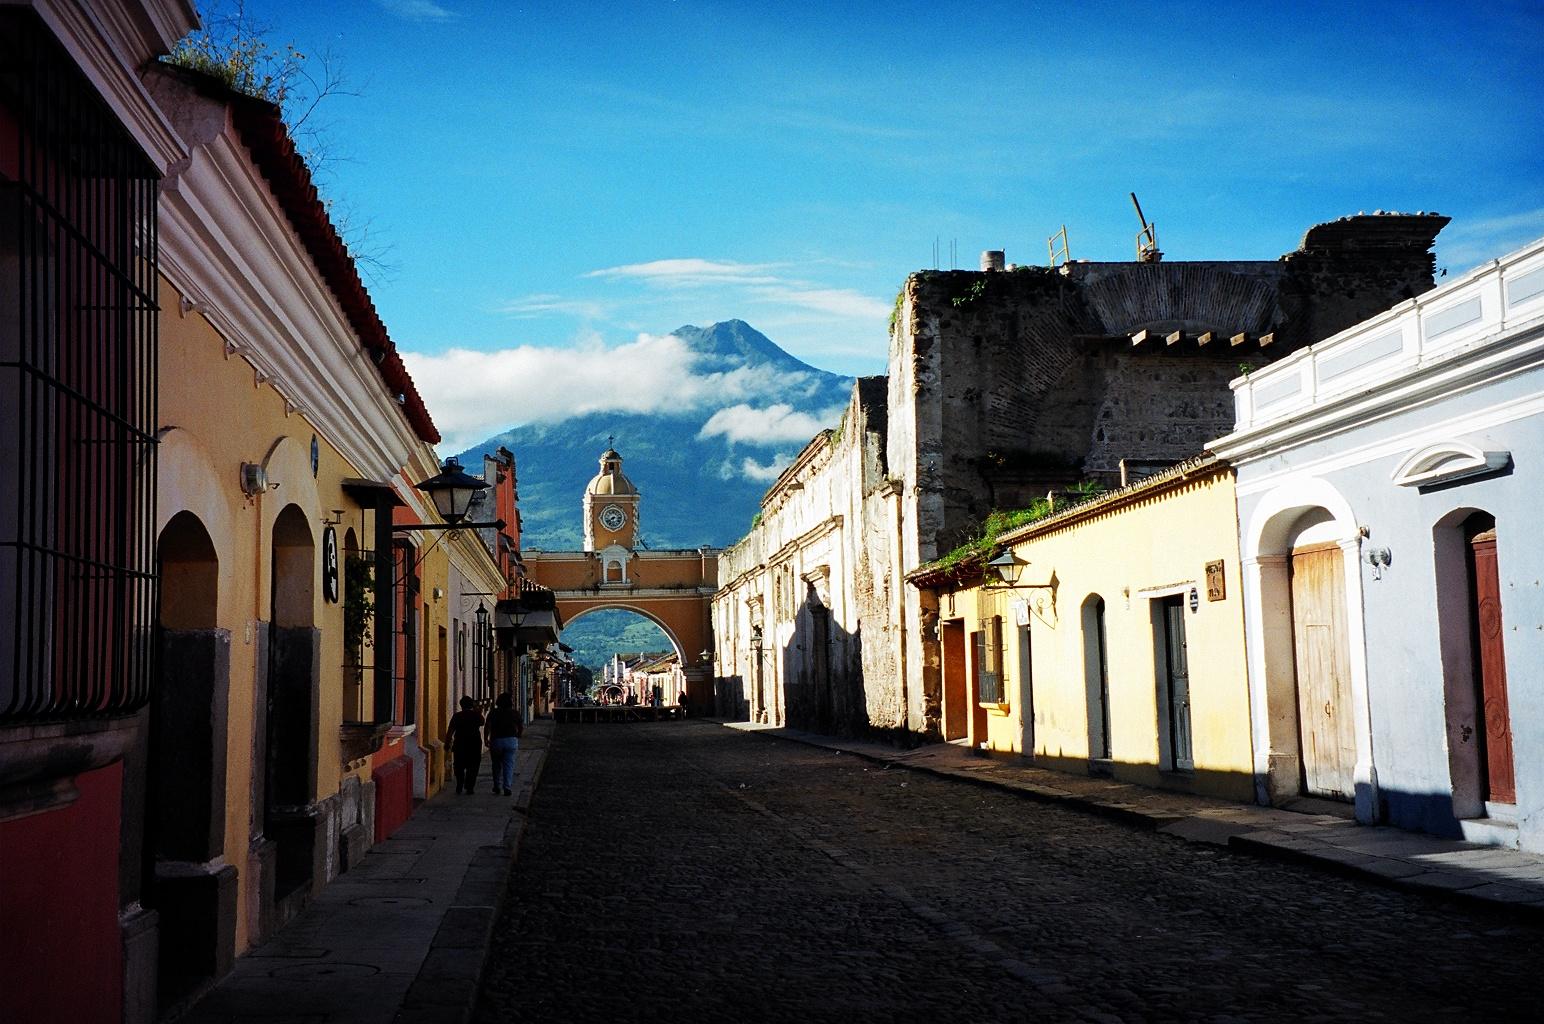 guatemala wallpapers wallpapersafari - photo #44